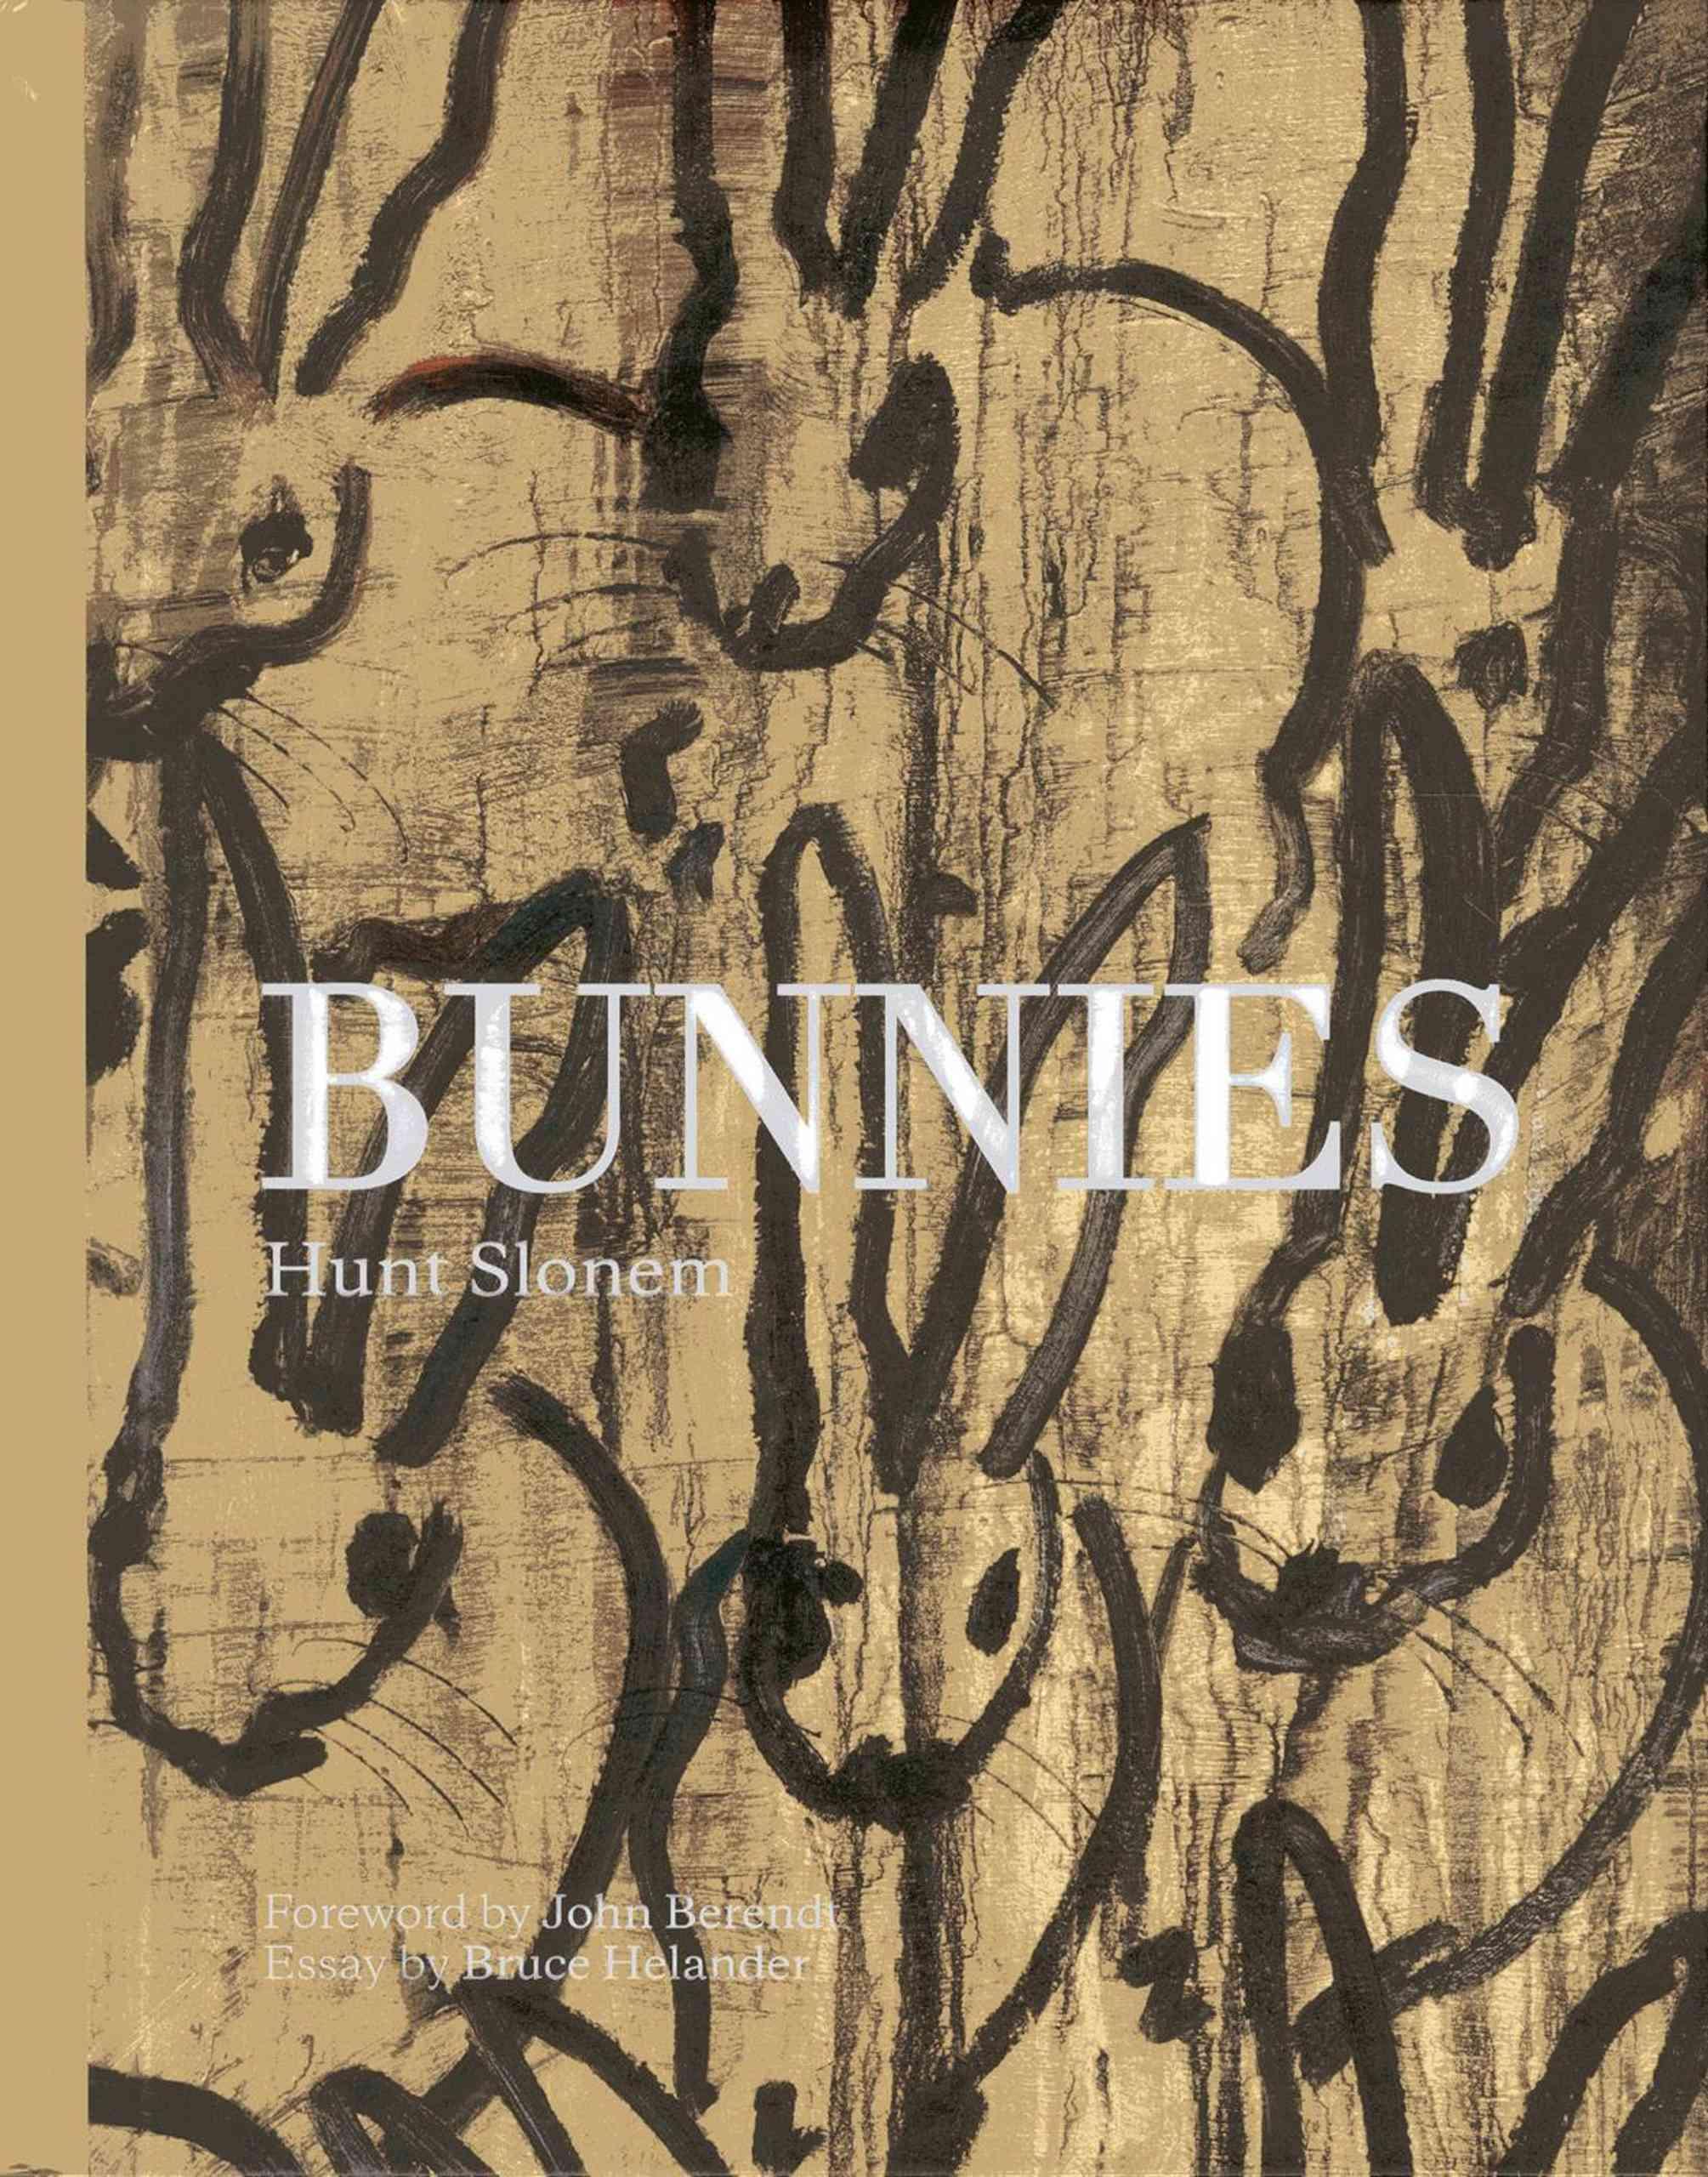 Bunnies By Slonem, Hunt/ Berendt, John (FRW)/ Helander, Bruce (CRT)